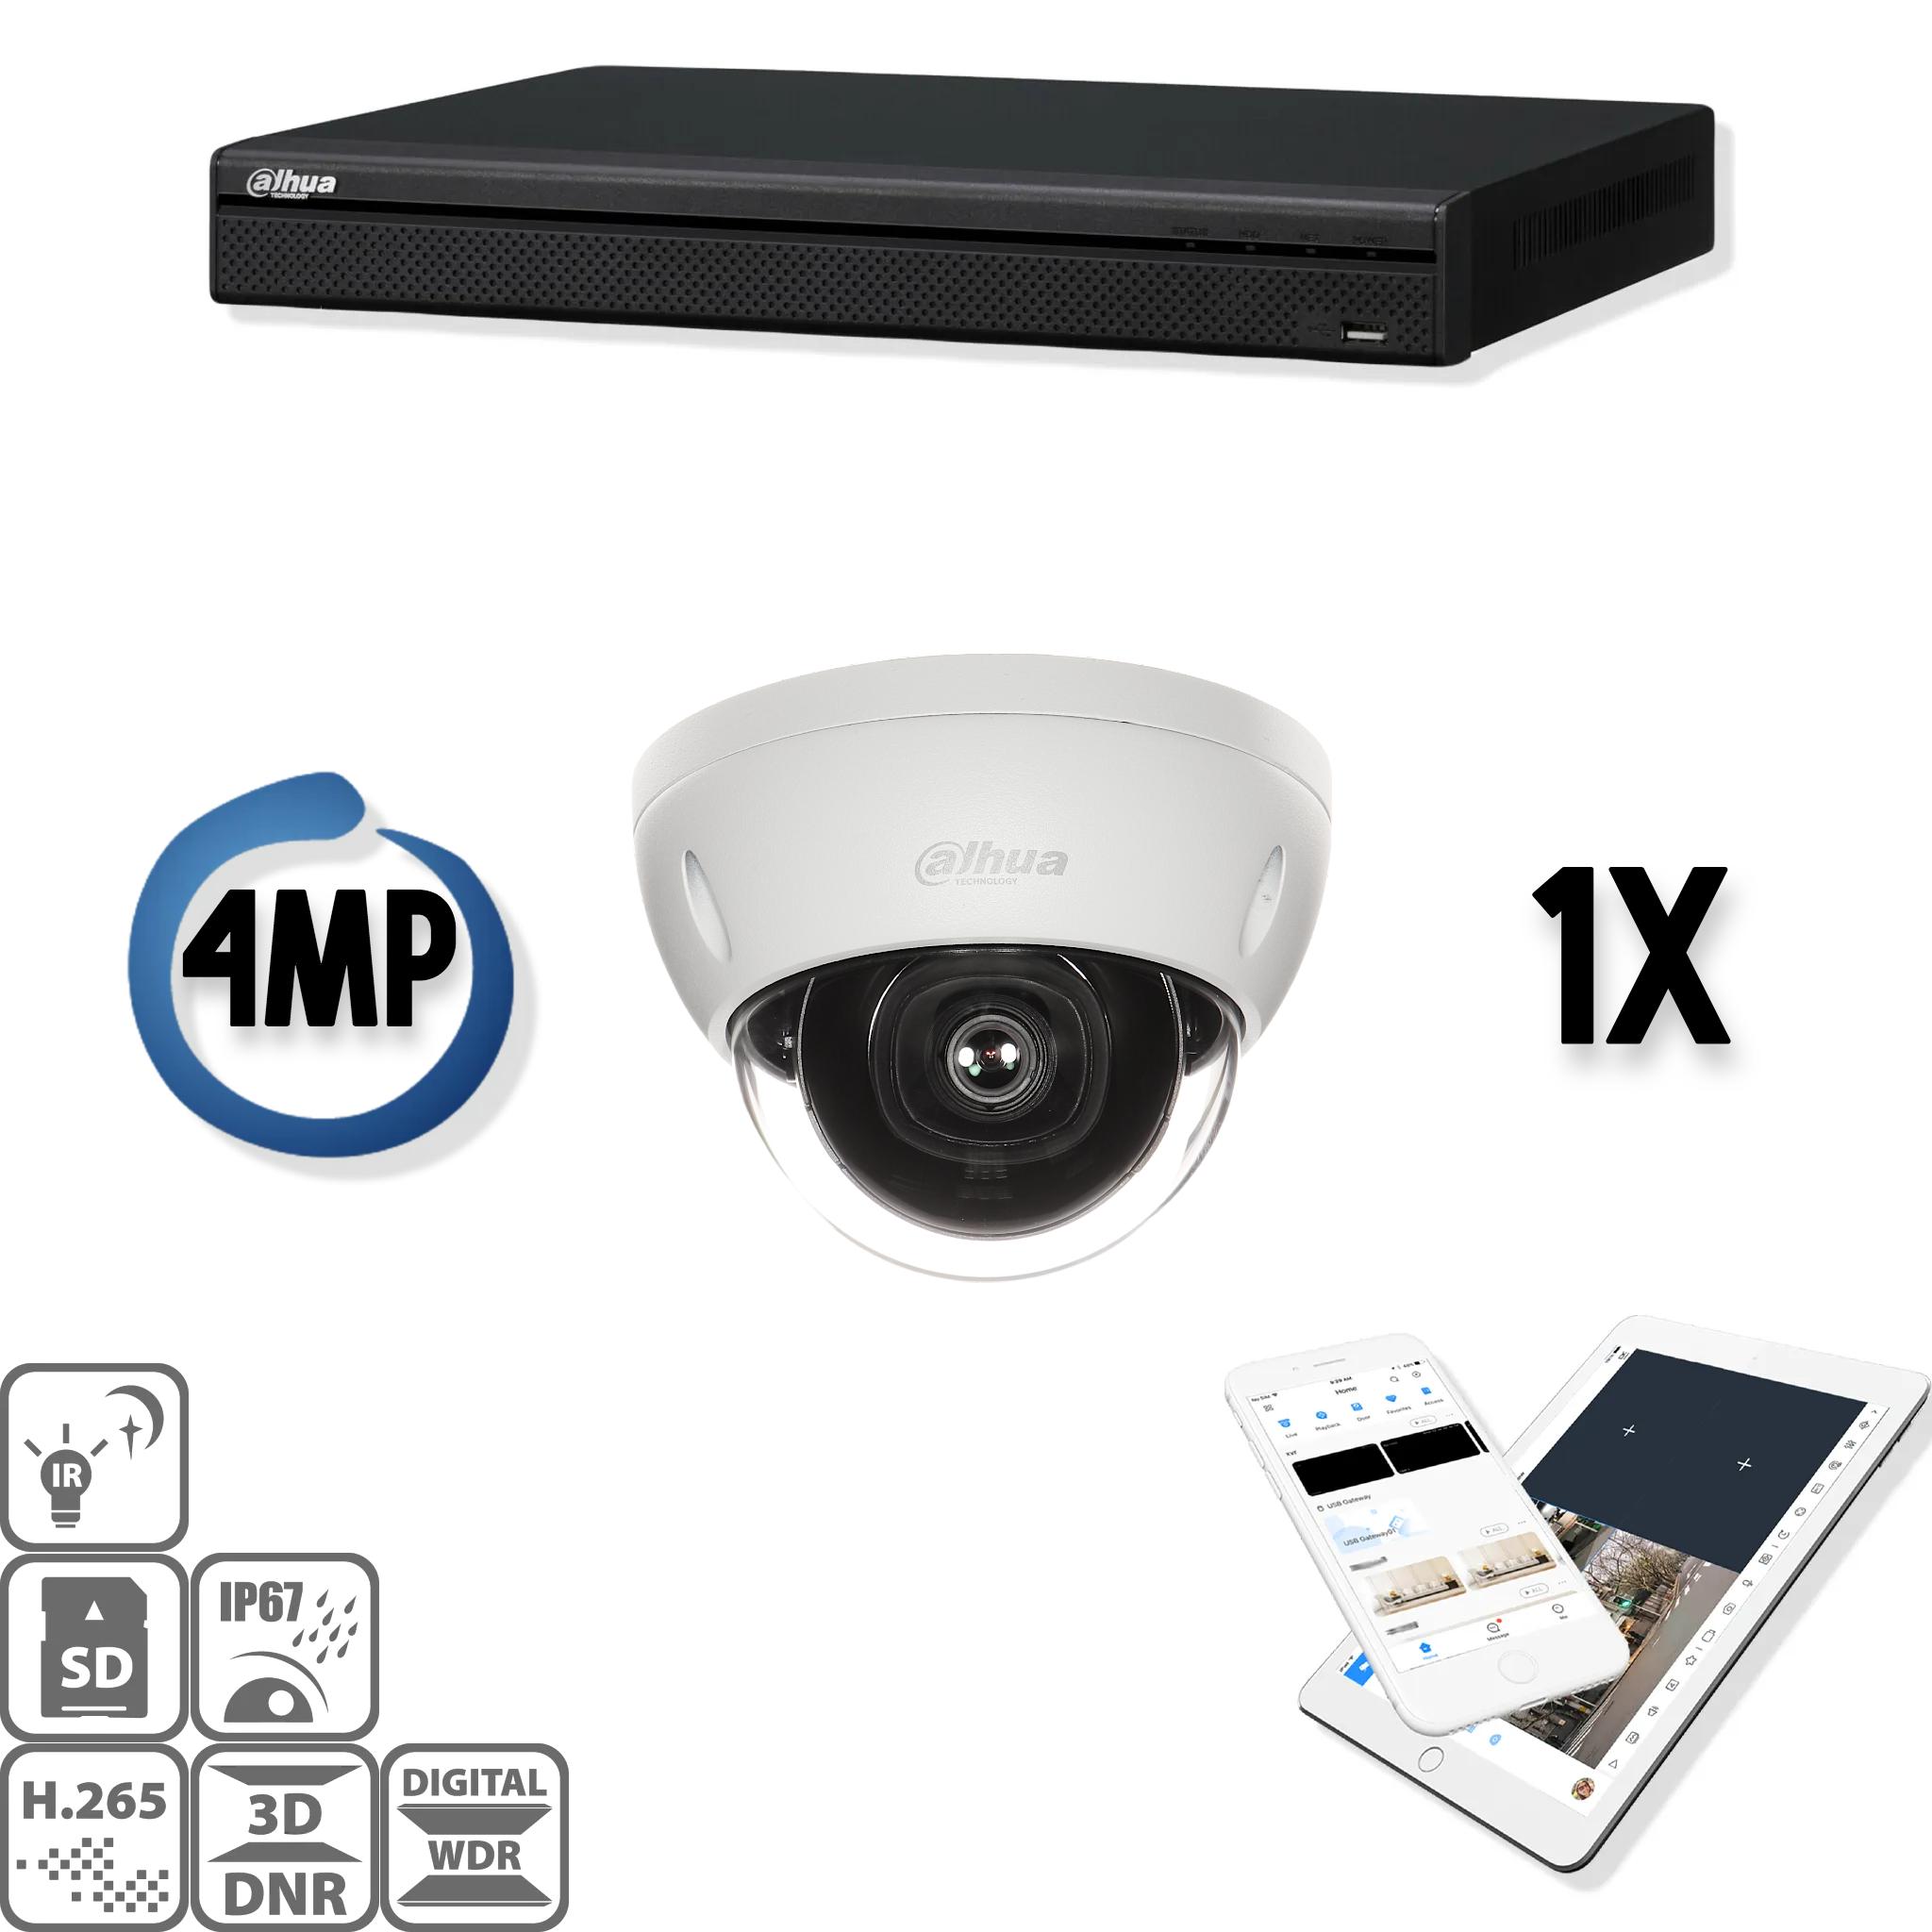 Das Dahua IP-Kit 1x Dome 4 MP Full HD-Sicherheitsset enthält 1 IP-Dome-Kamera, die für den Innen- und Außenbereich geeignet ist. Die Kamera verfügt über eine Full HD-Bildqualität mit IR-LEDs für eine perfekte Sicht bei Dunkelheit. Dieses HD IP-Kameraset l